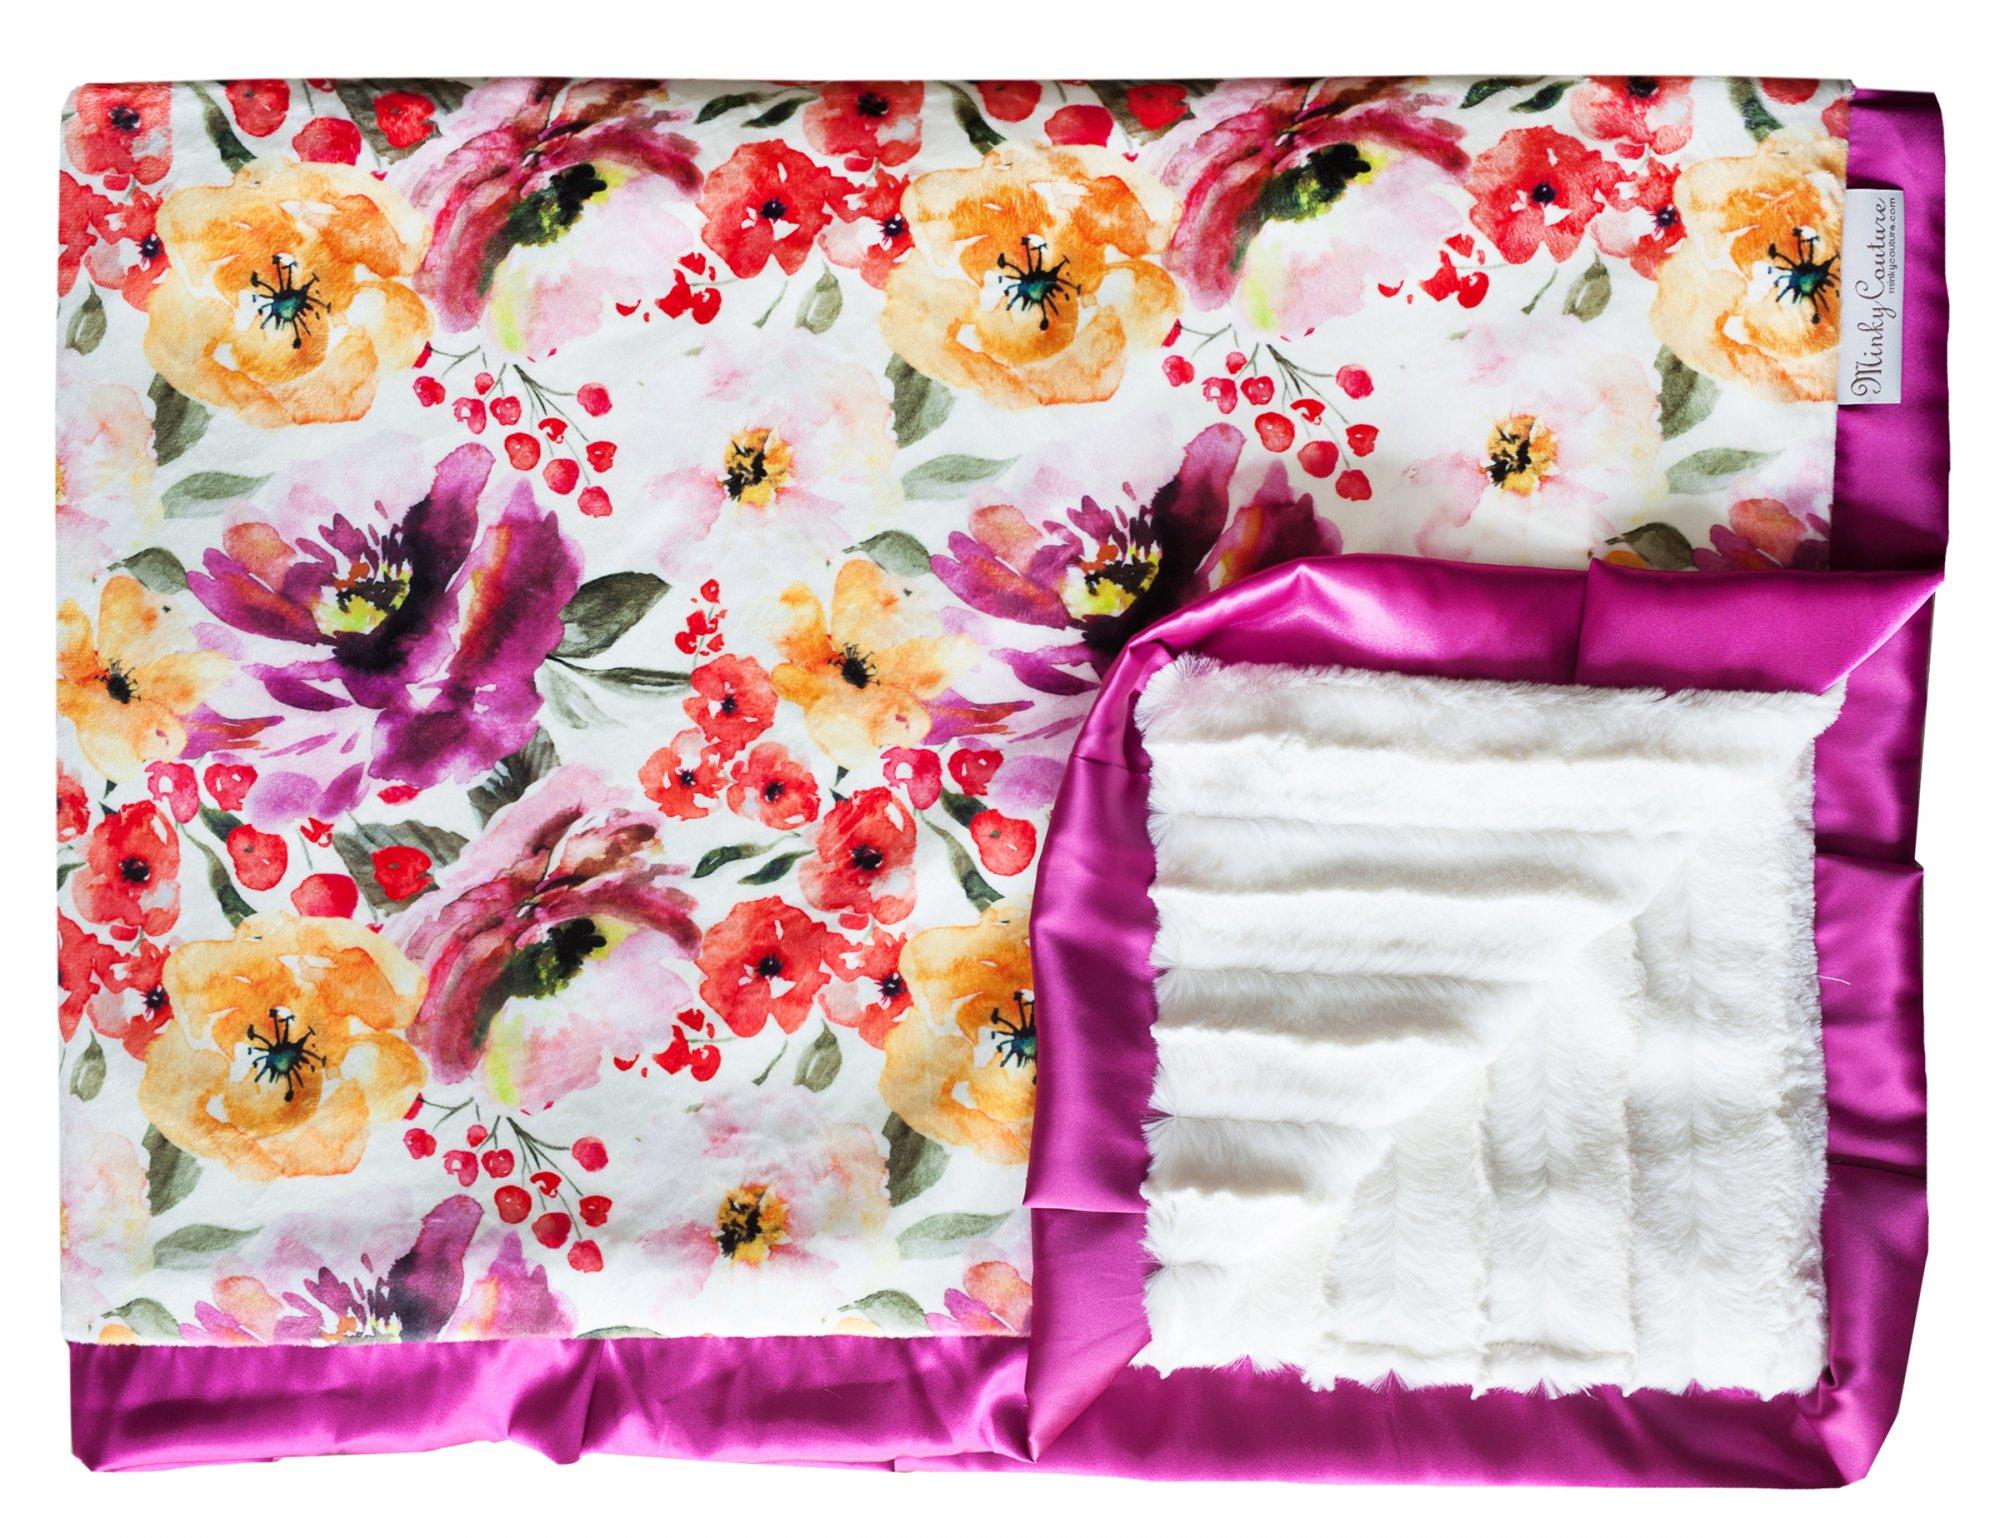 Floral Fest Gold - Creme Brulee - Violet